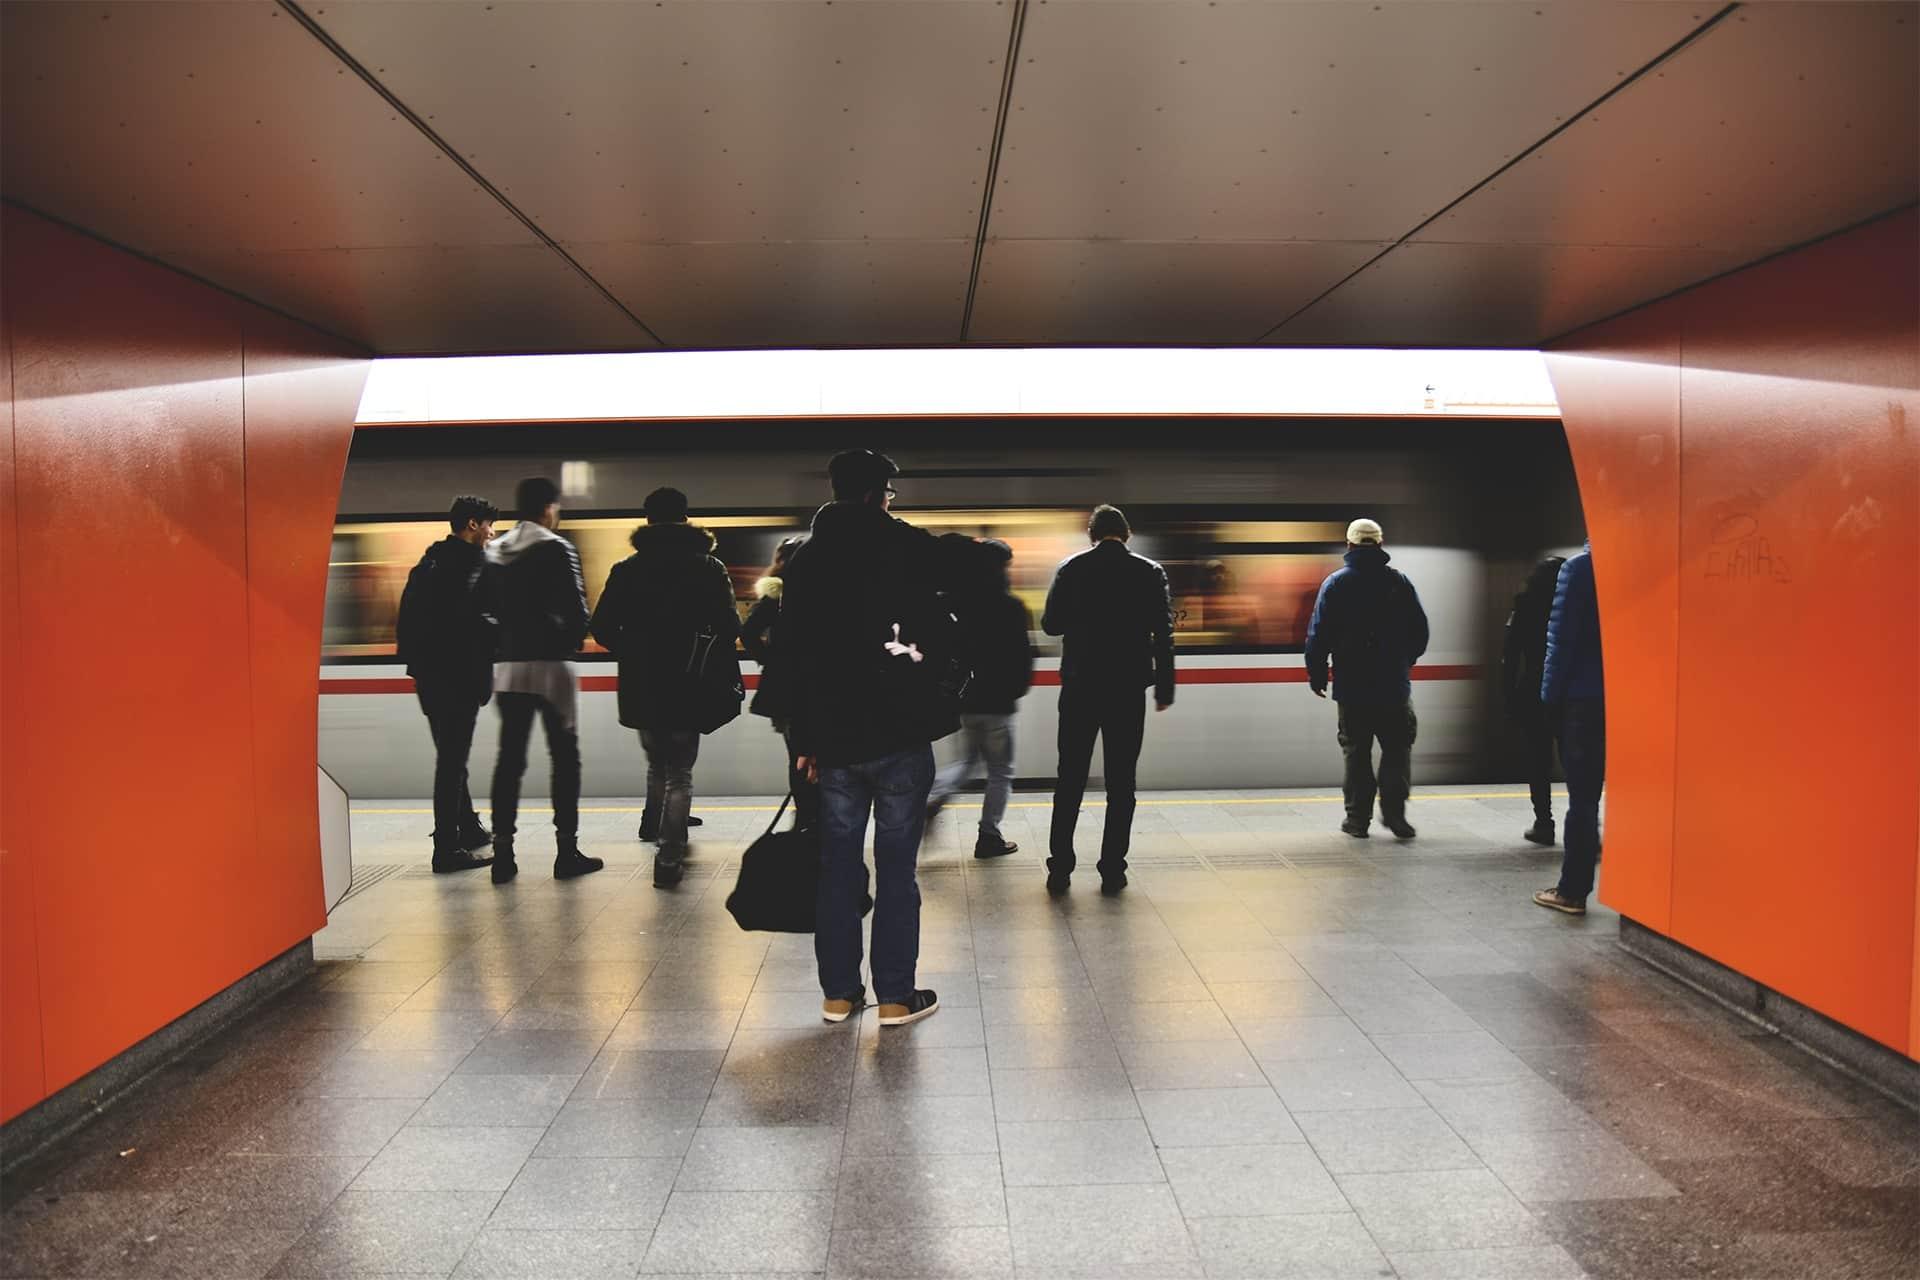 Underground view - ASL image